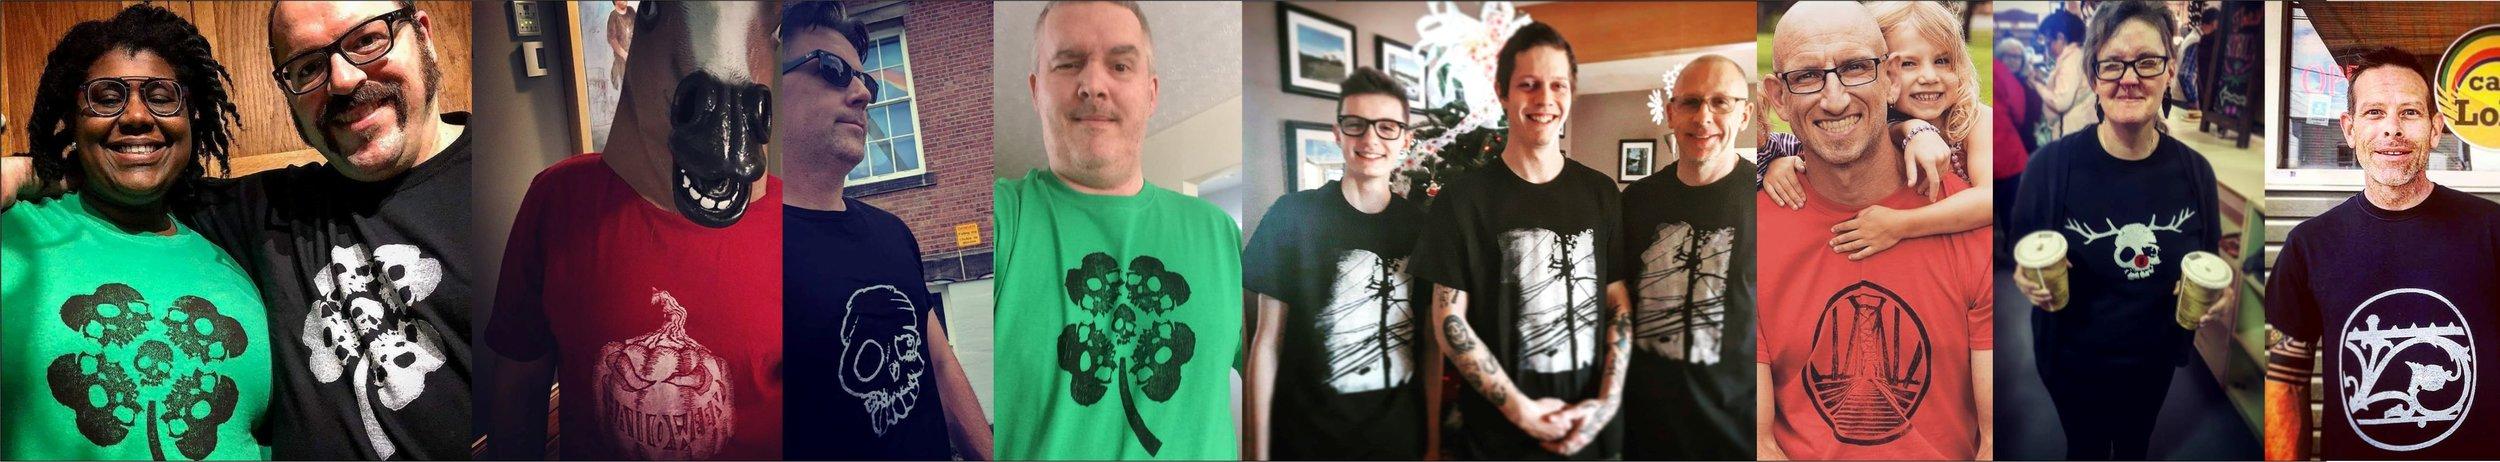 Tshirt customers.jpg